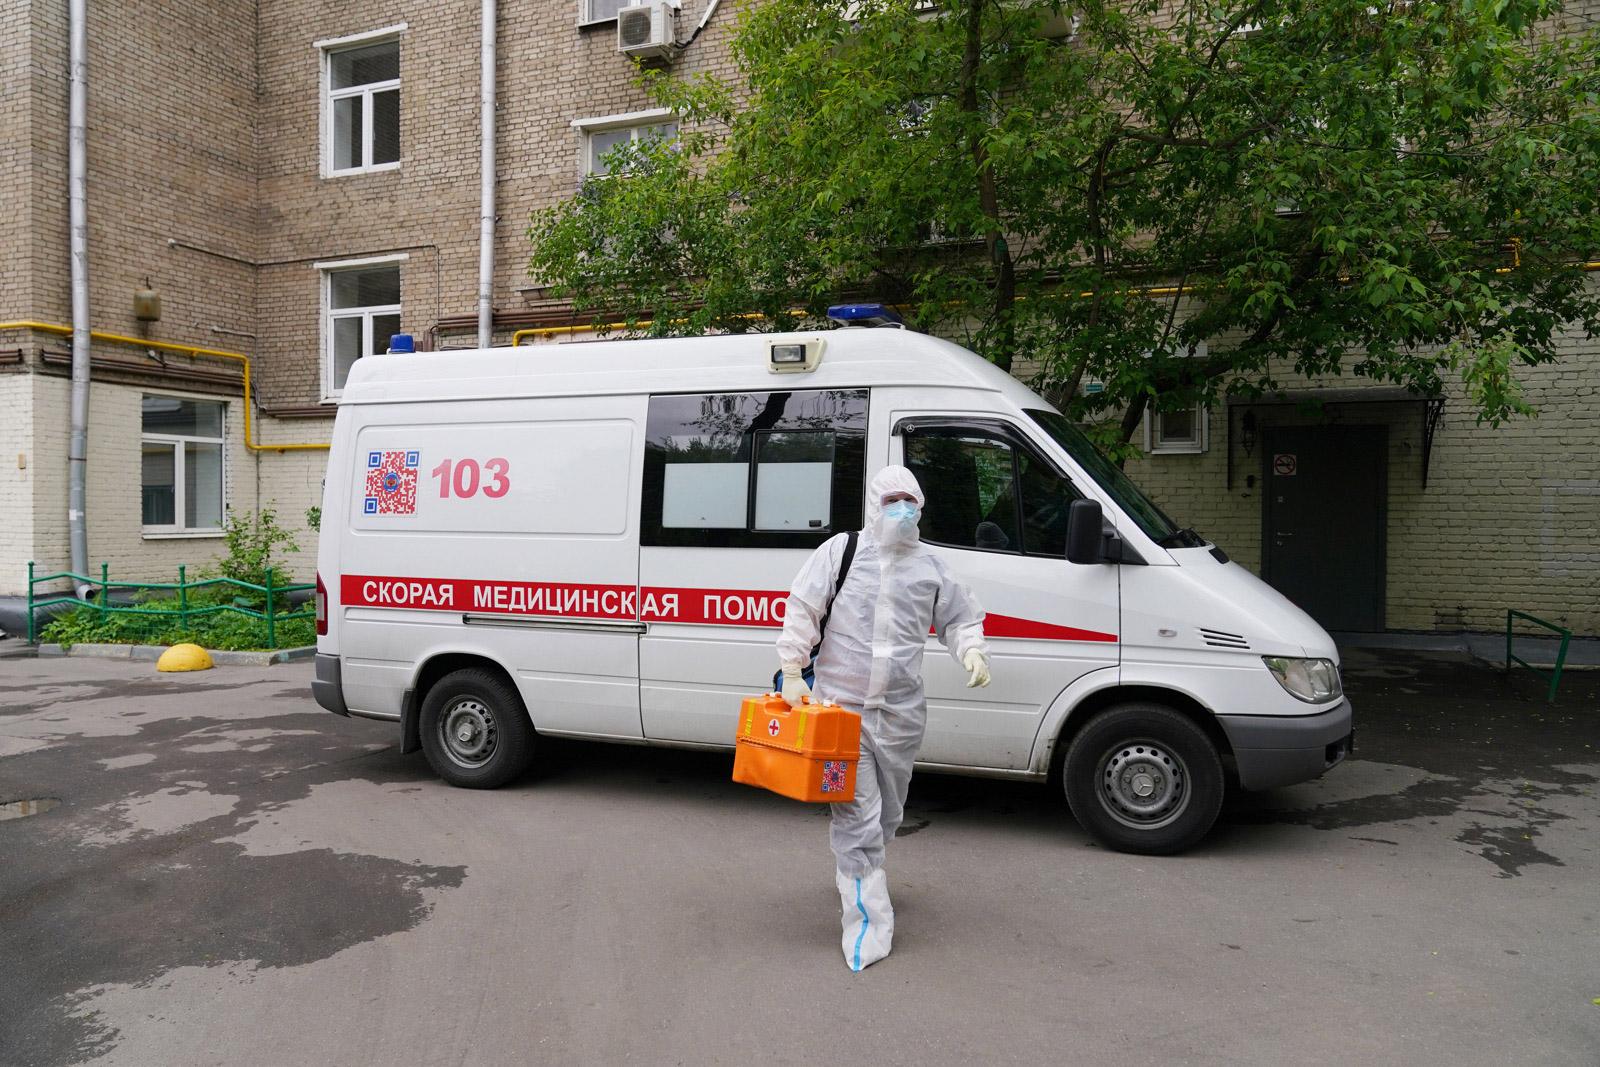 Депутат предложил ввести посмертные награды для умерших от коронавируса врачей